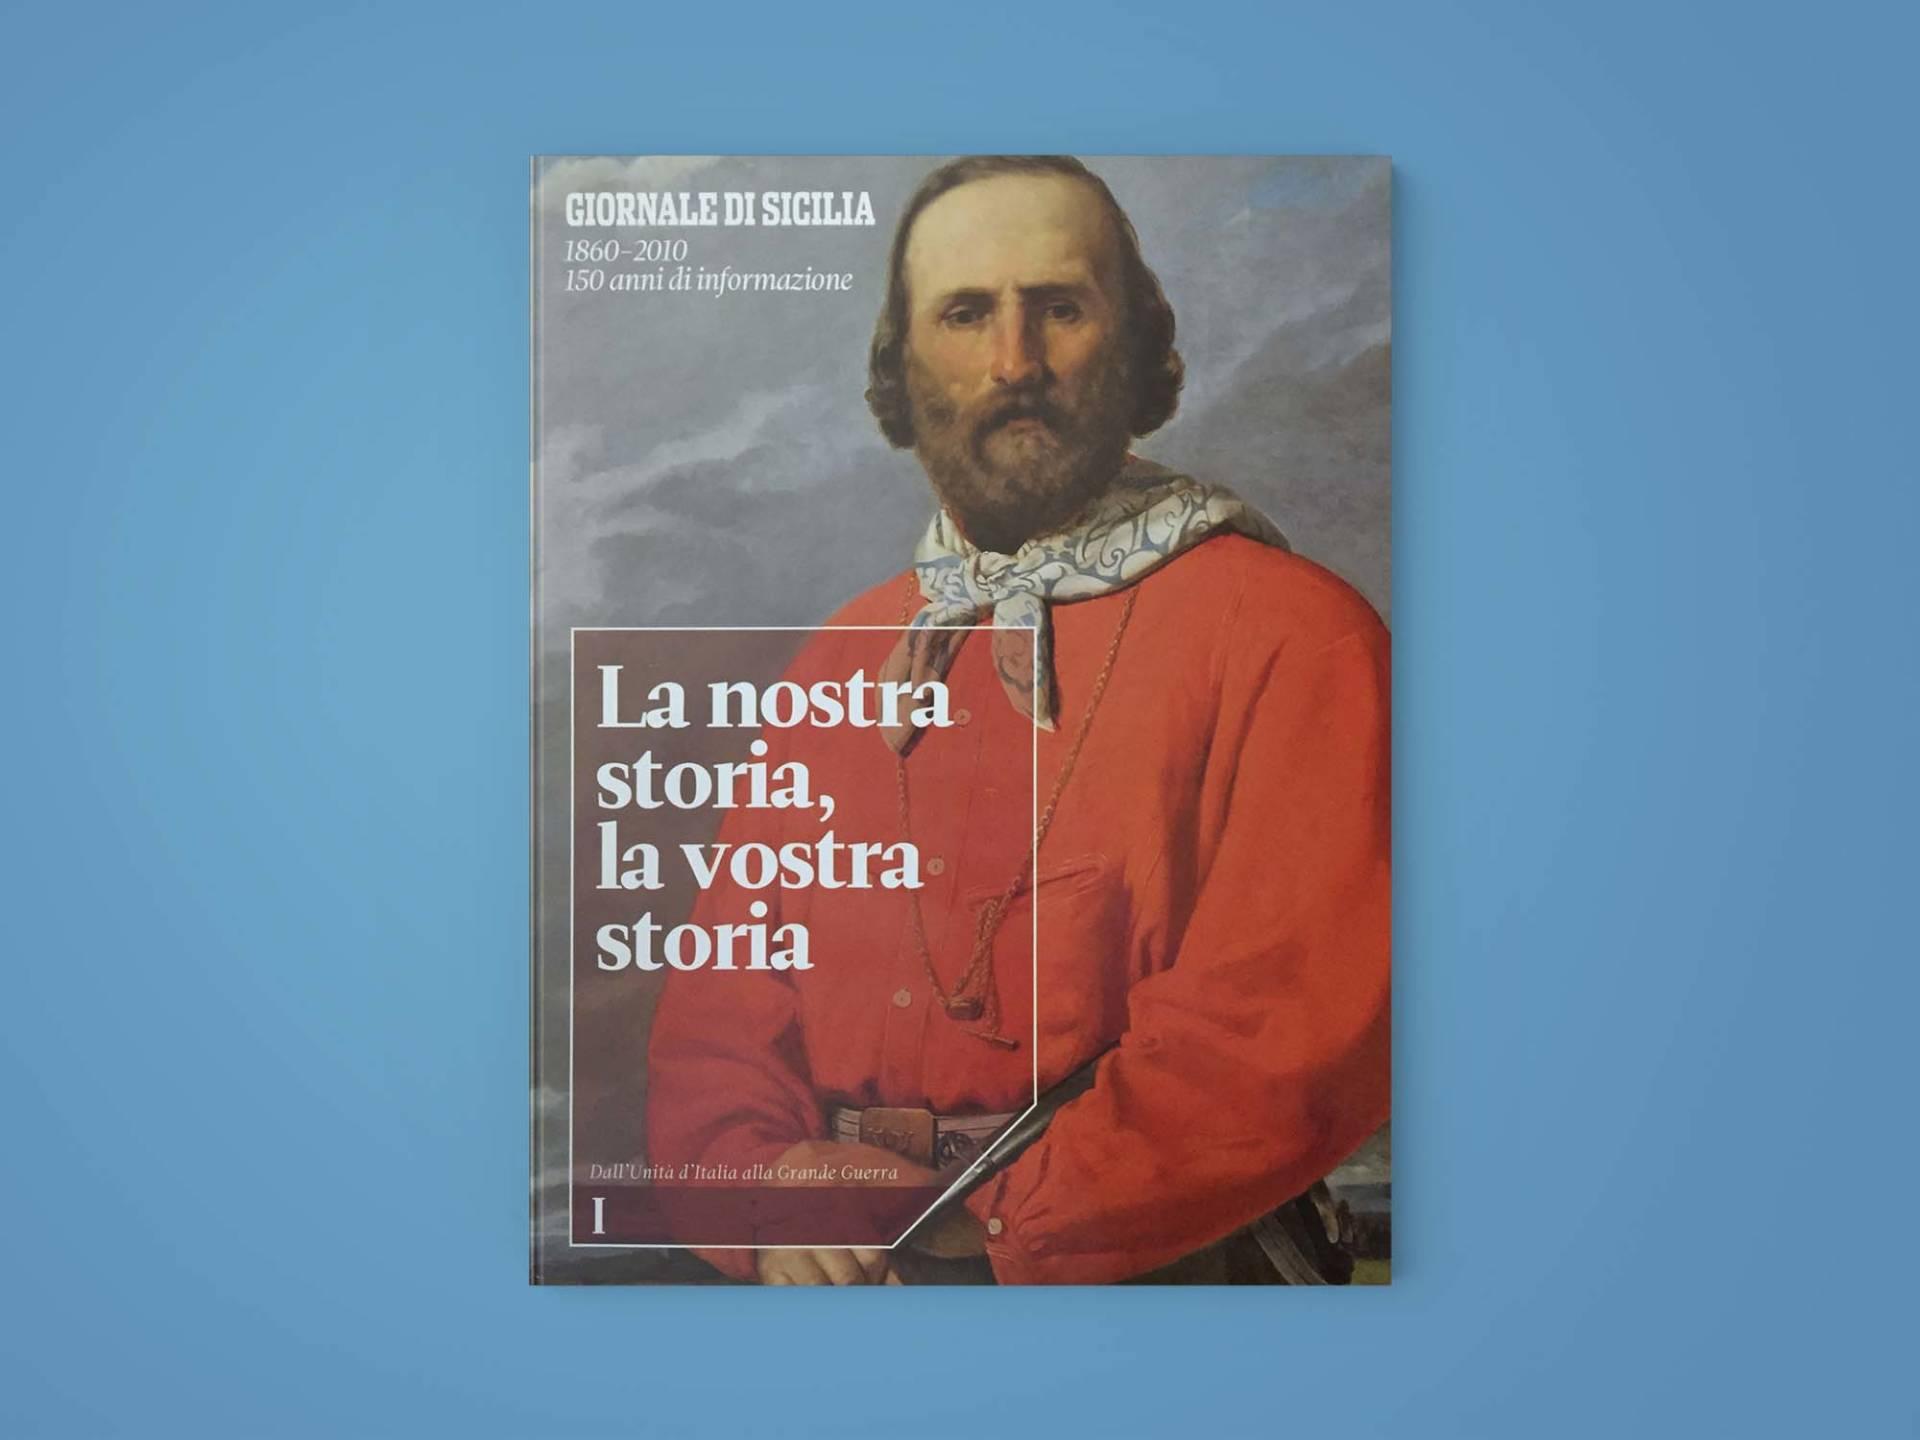 Giornale_Di_Sicilia_Libro_01_Wenceslau_News_Design